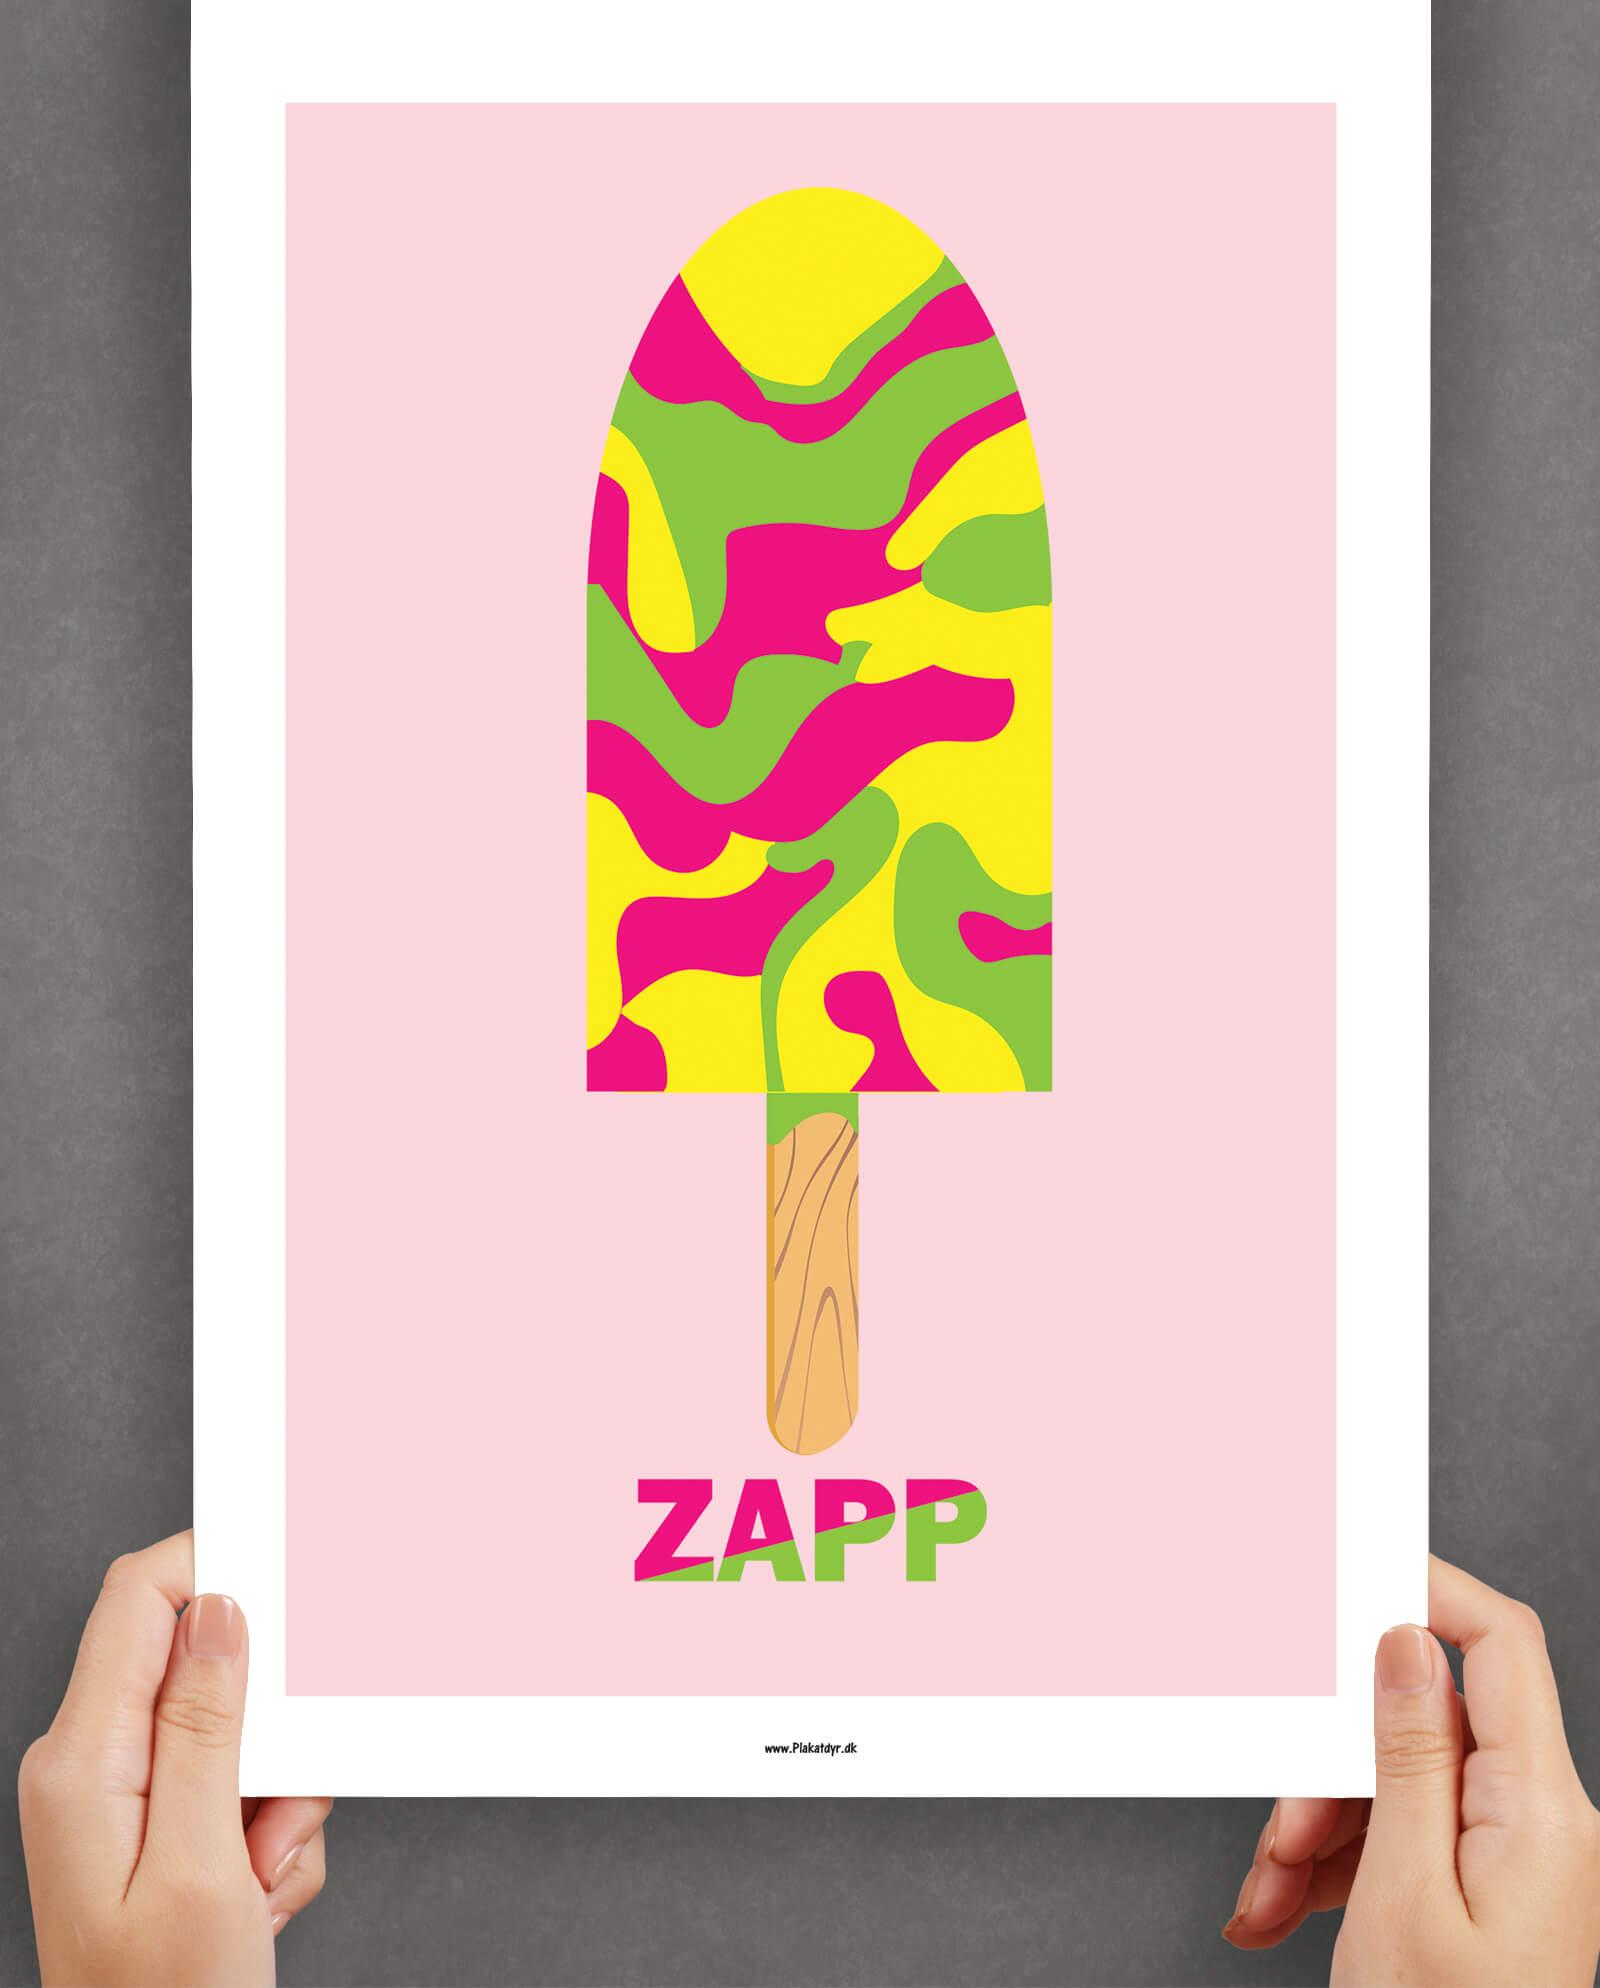 zapp-plakat-roed-1